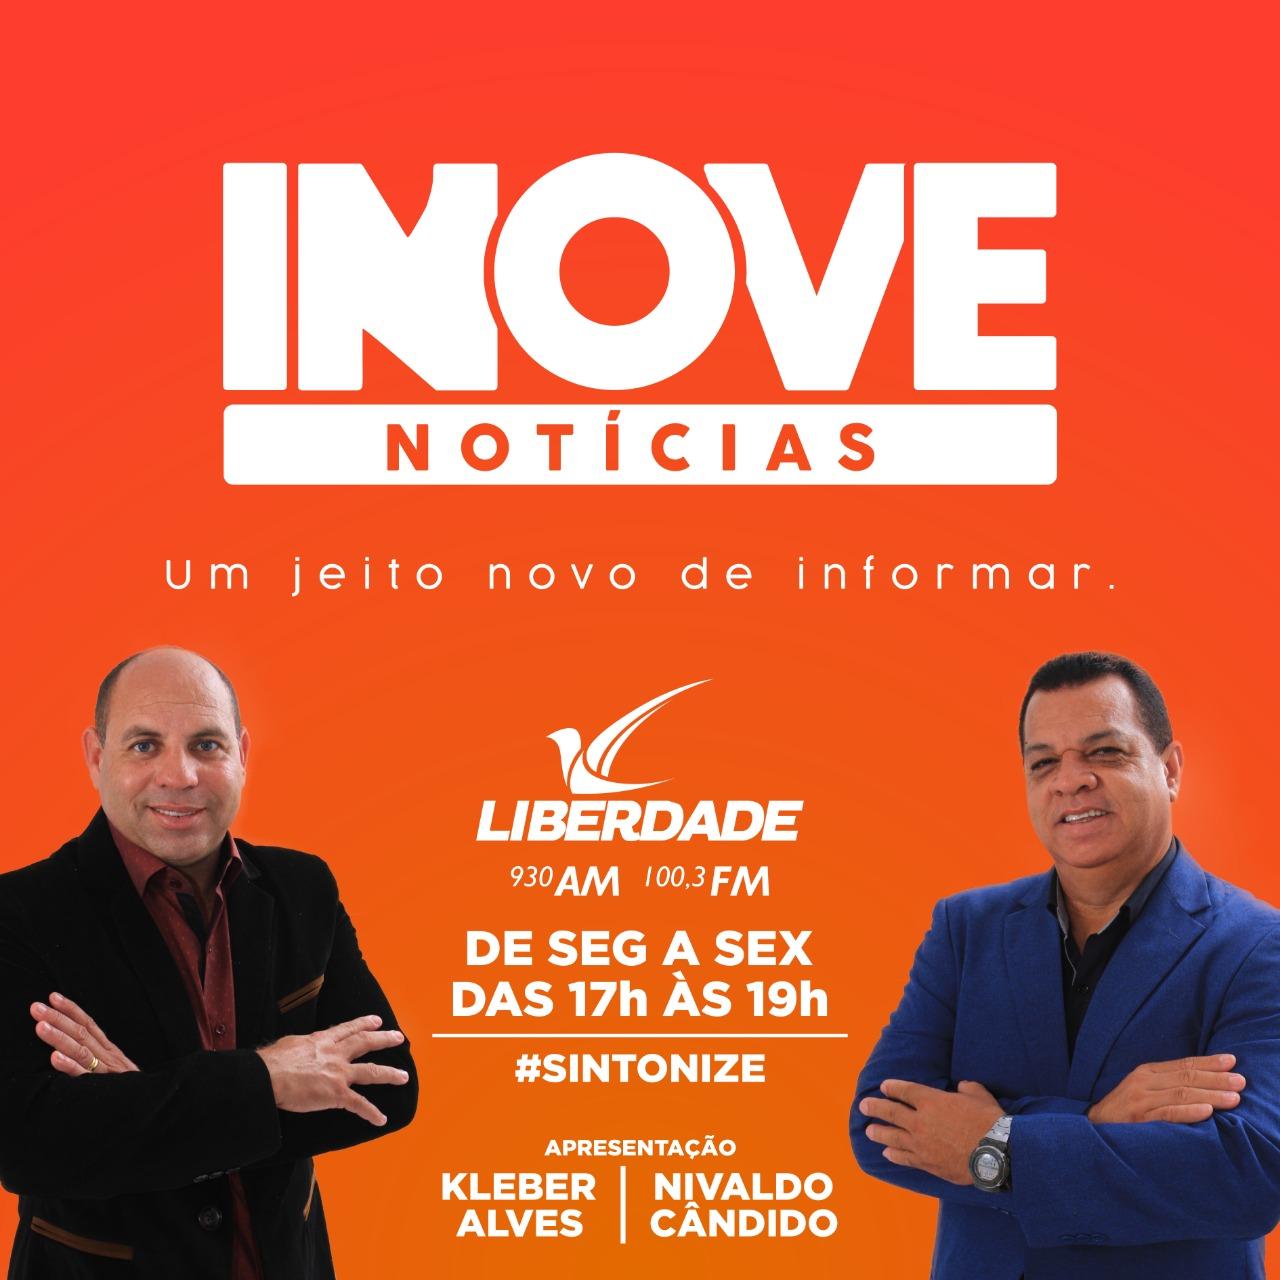 INOVE NOTÍCIAS - UM JEITO NOVO DE INFORMAR - NA RÁDIO LIBERDADE AM 930